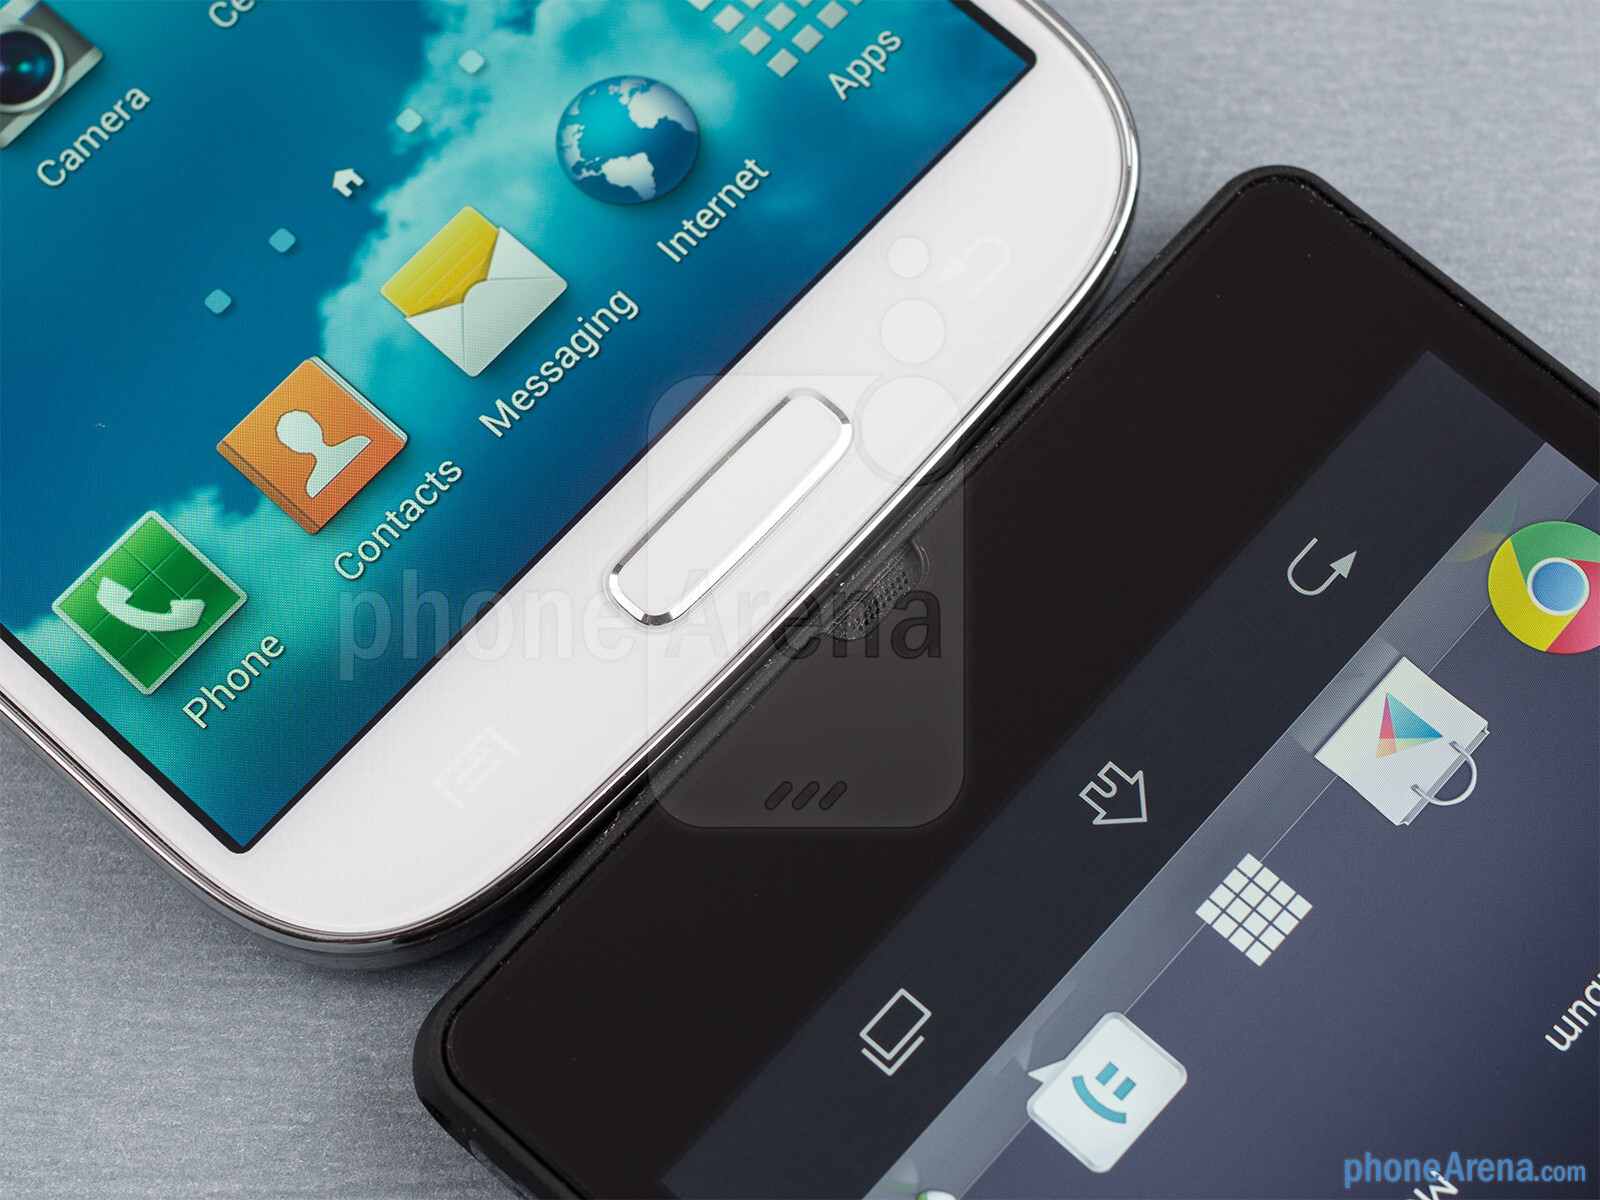 Xperia Z Vs Galaxy S4 Samsung Galaxy S4 vs S...